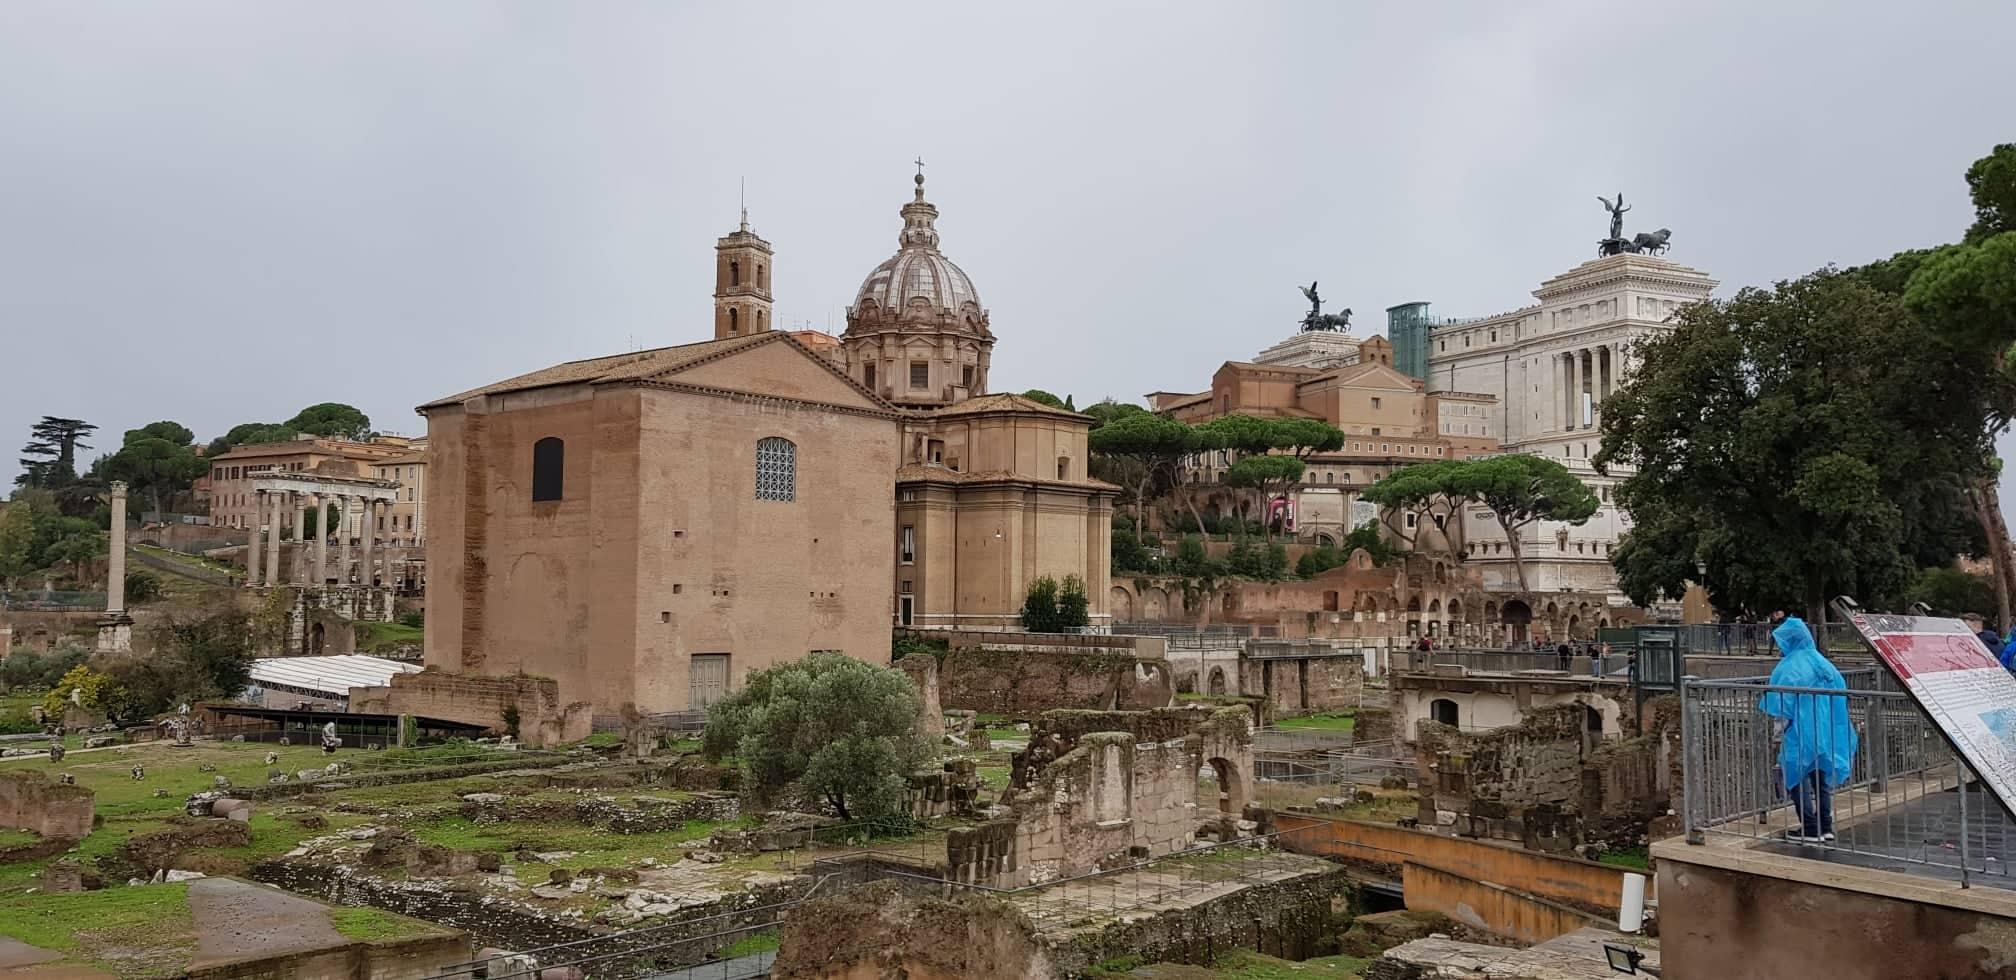 Մեկօրյա երթուղիներ Հռոմից